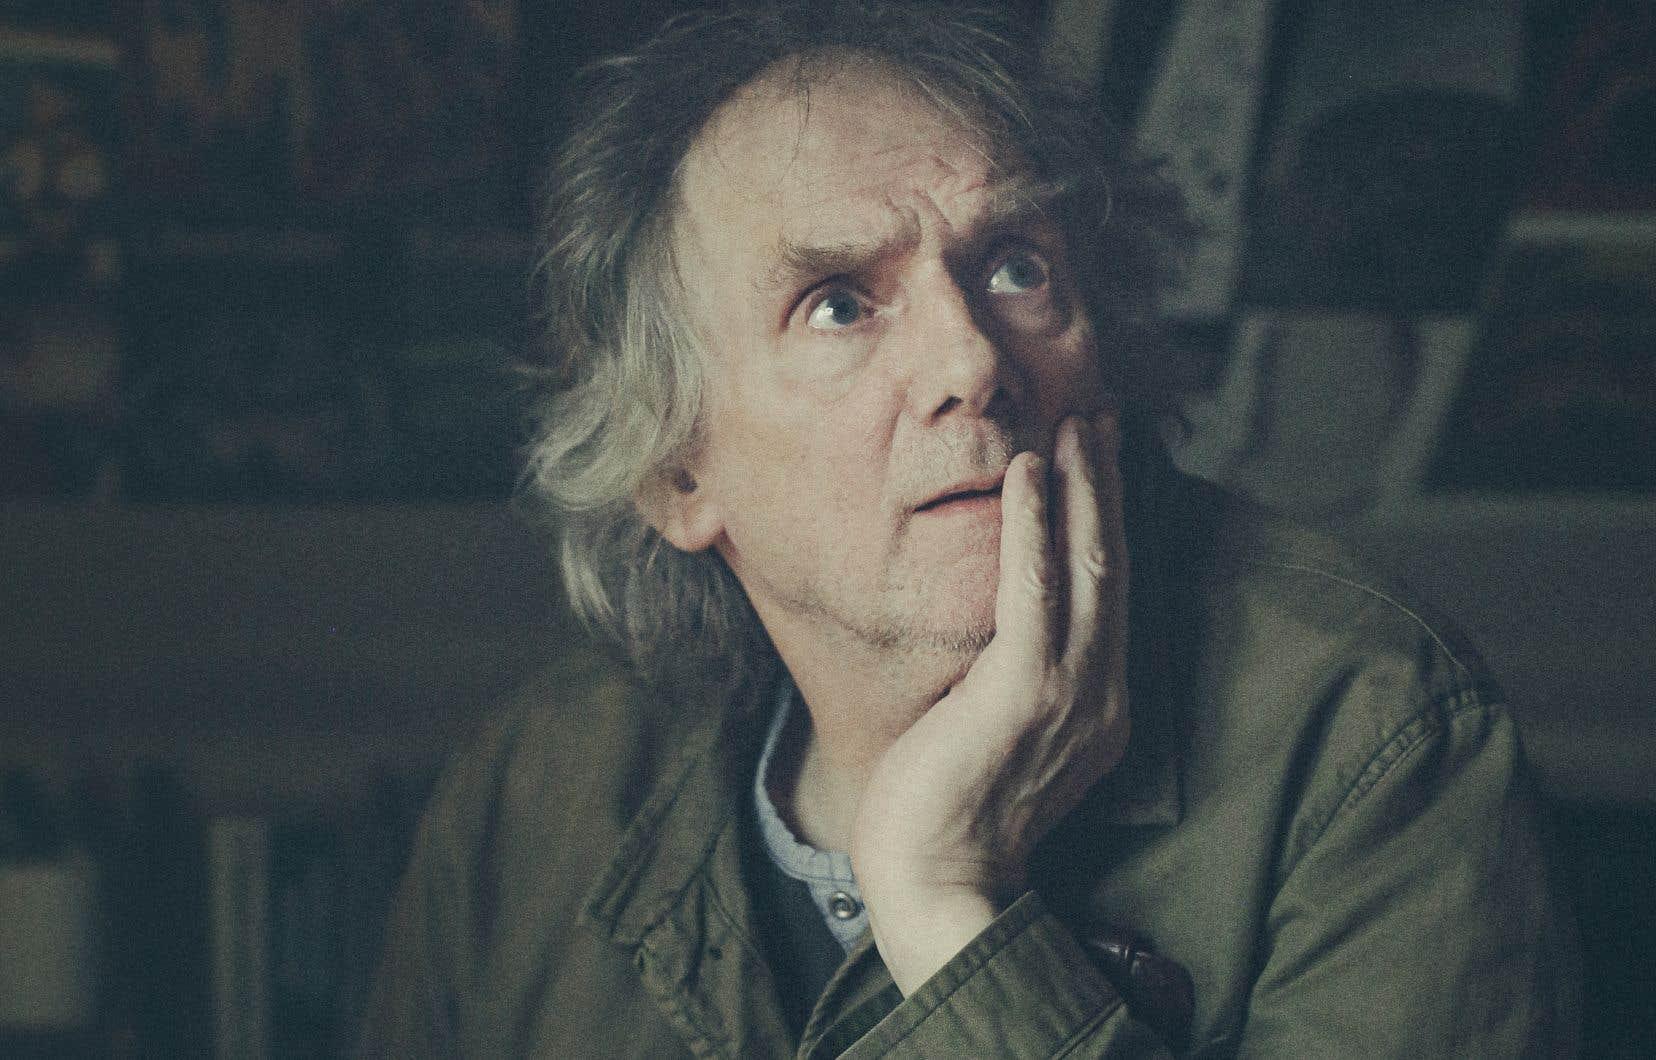 Surtout connu pour sa poésie, Jóanes Nielsen est né en 1953 à Tórshavn, la capitale des Féroé, située sur Streymoy, la plus grande et la plus peuplée des îles de l'archipel.